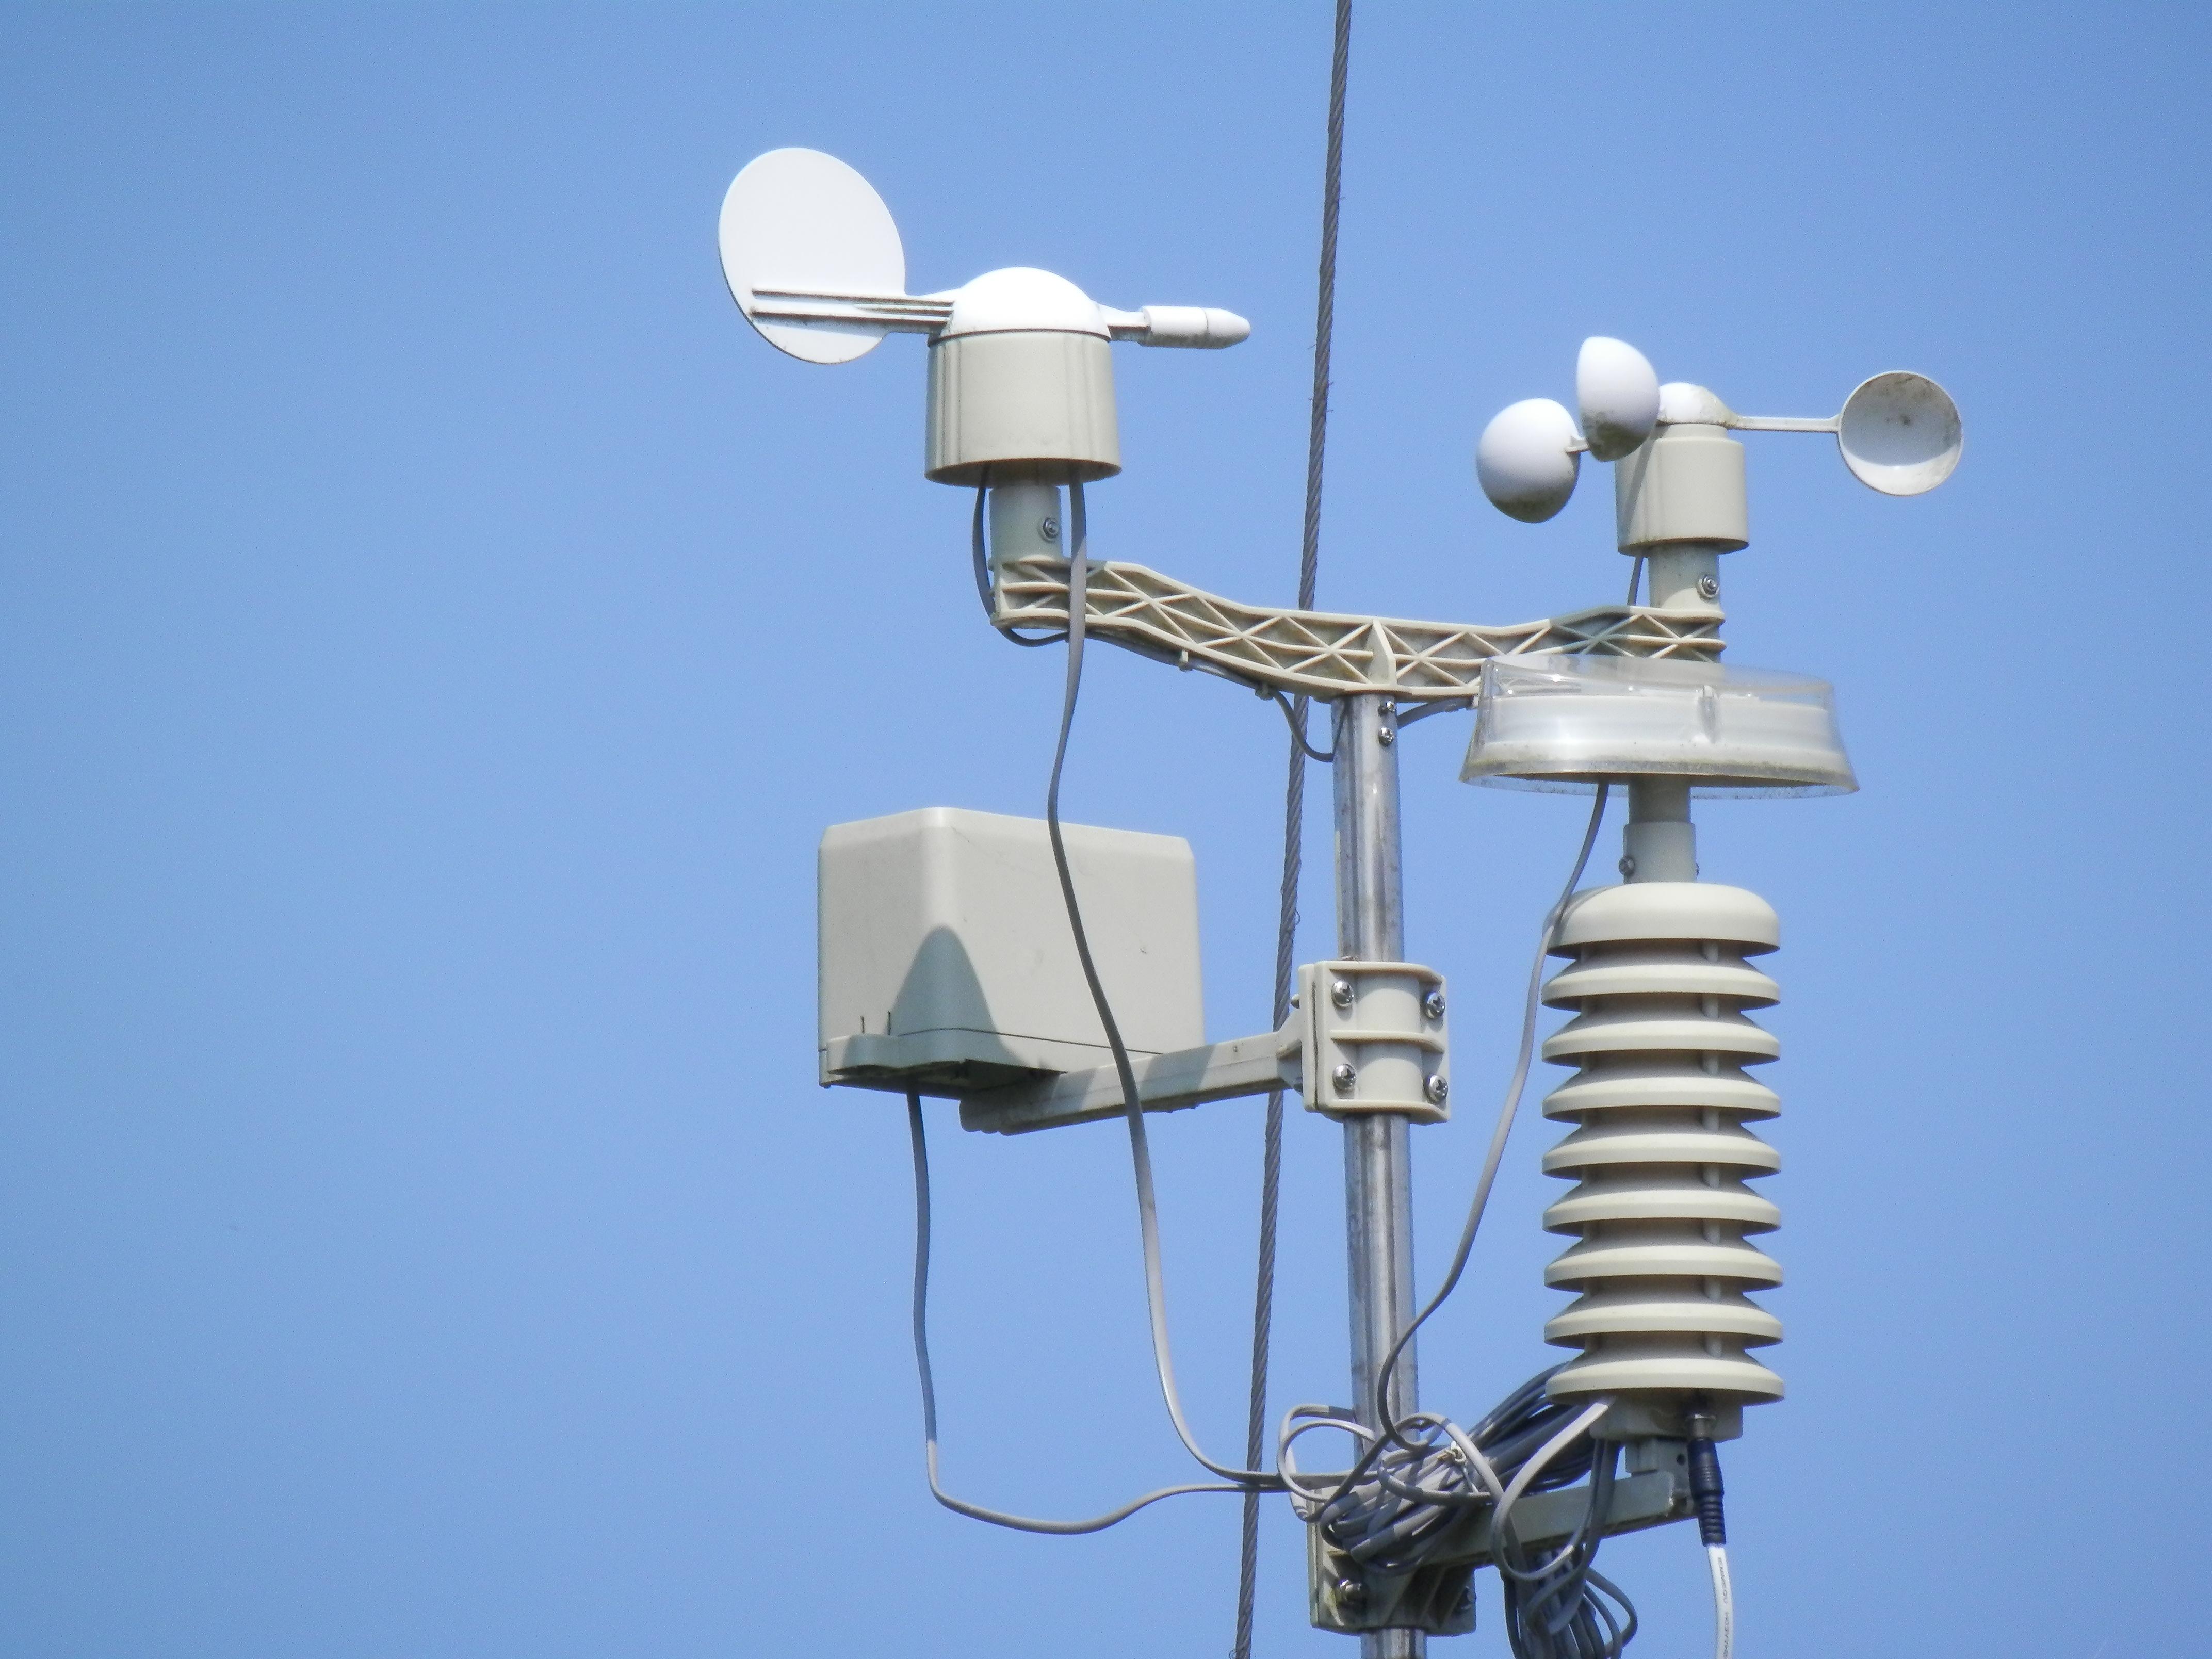 Sensor der Wetterstation aus der Nähe